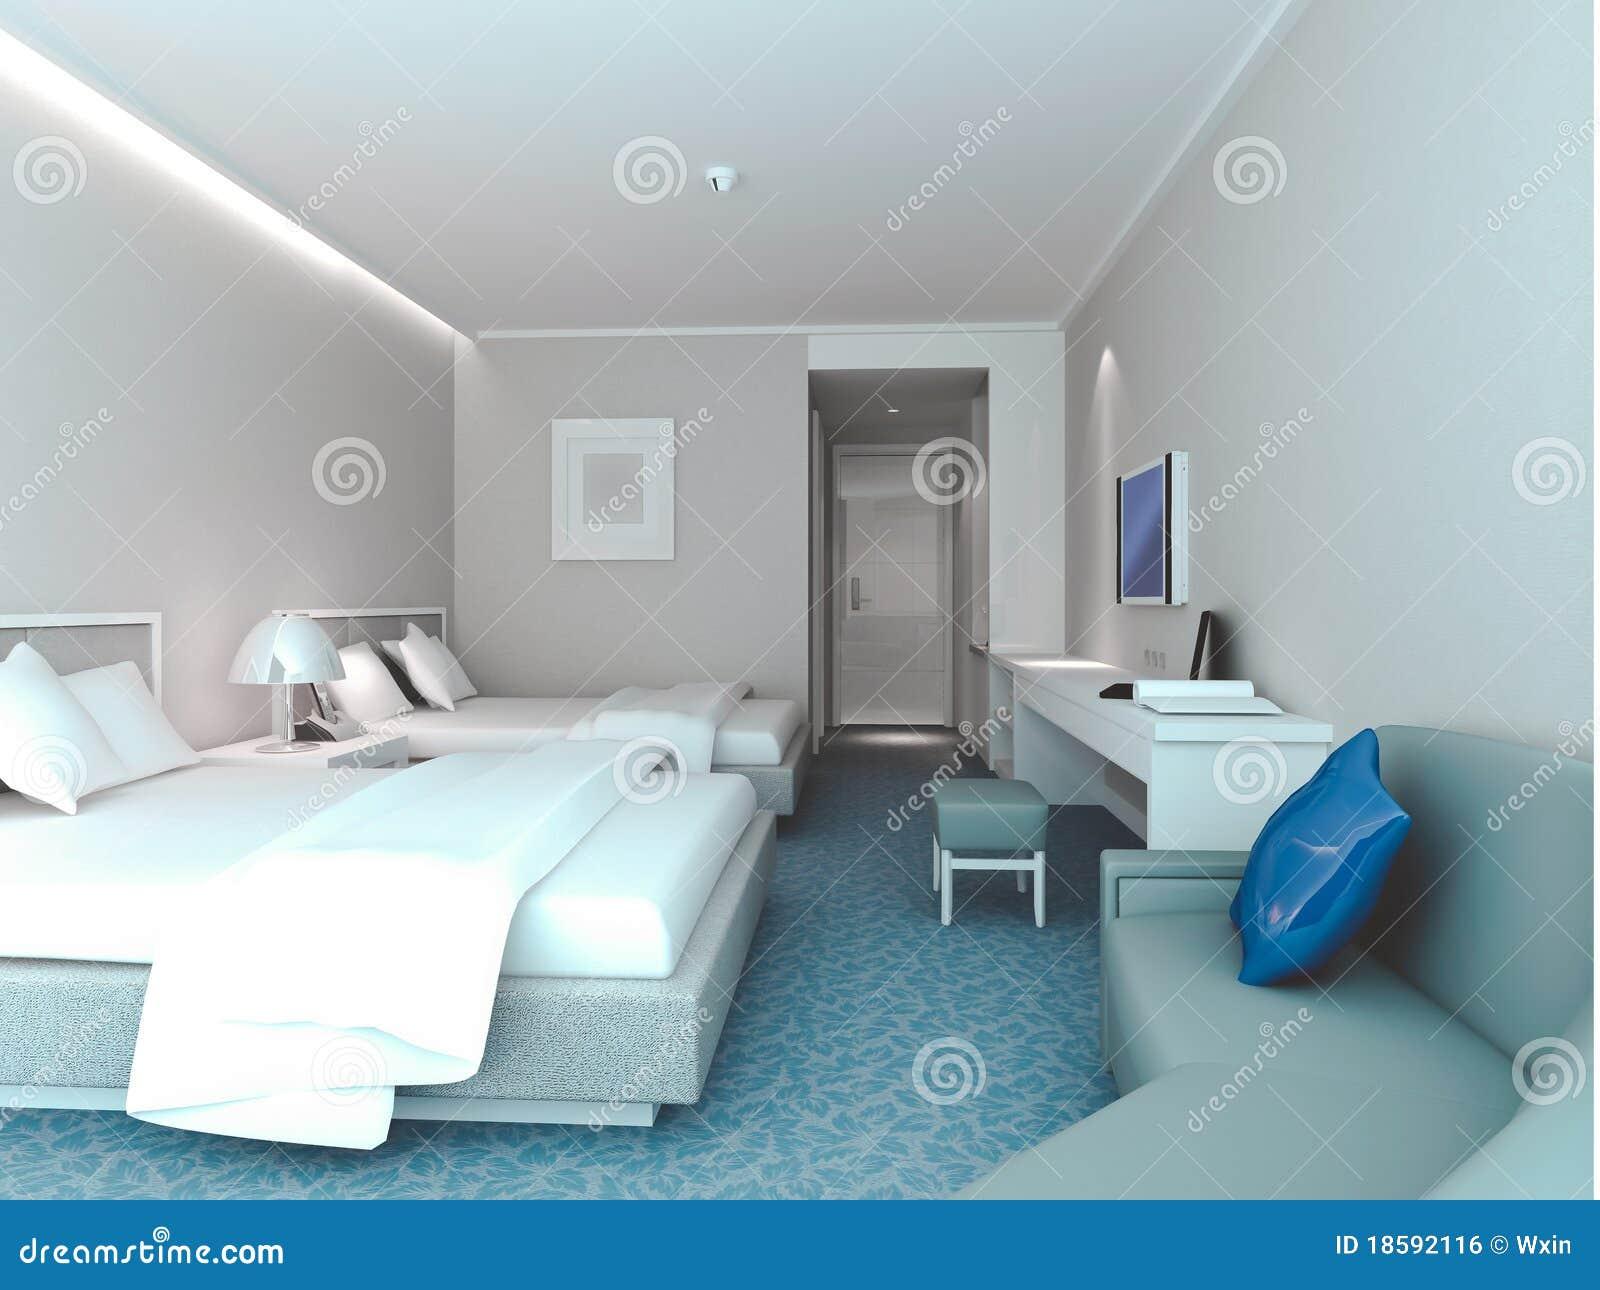 Representaci n del dormitorio 3d habitaciones imagen de for Diseno 3d habitaciones